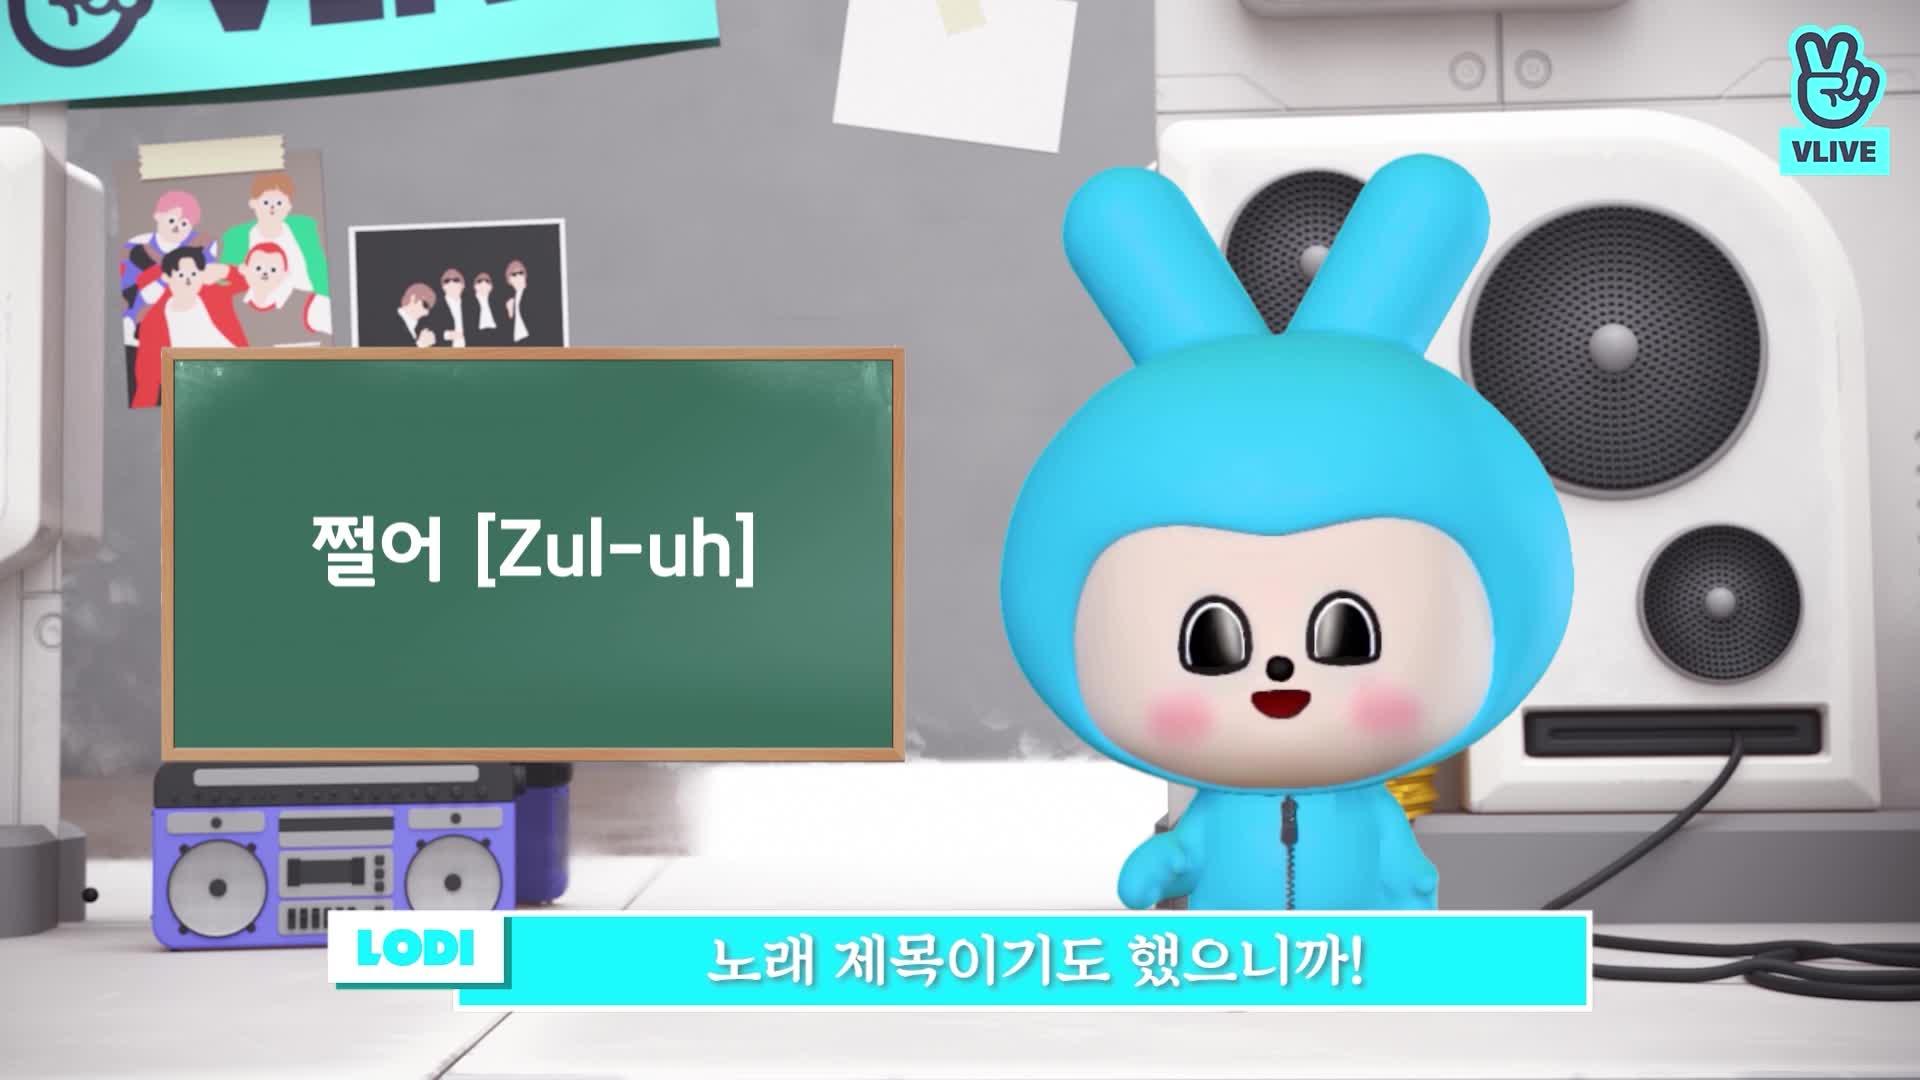 [V CREW] 로디 알쓸덕잡 EP. 09 쩔어 [Zul-uh] 😎